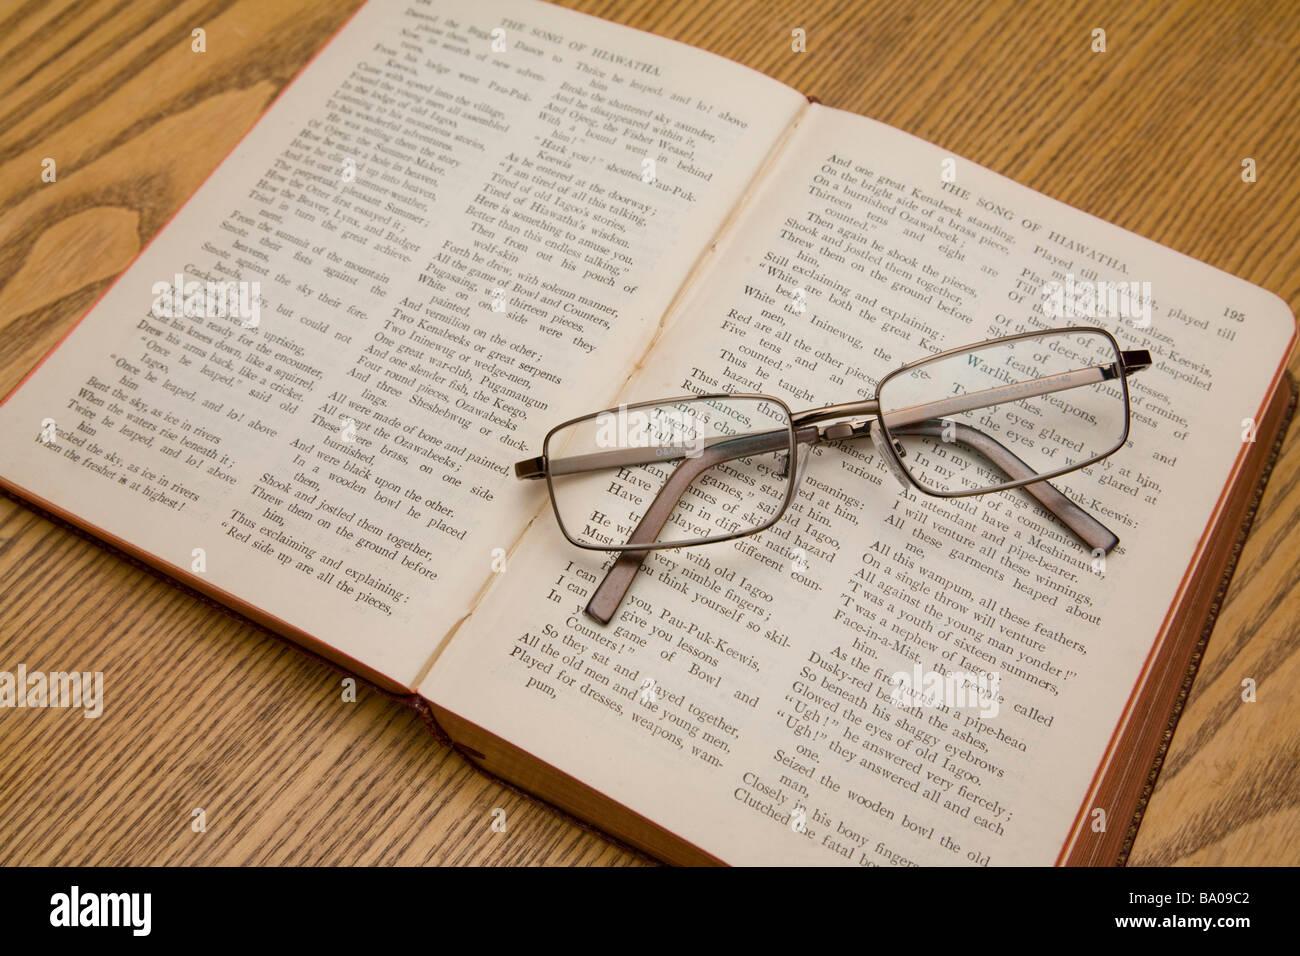 Une paire de lunettes de lecture reposant sur un livre de poèmes de Longfellow. Banque D'Images